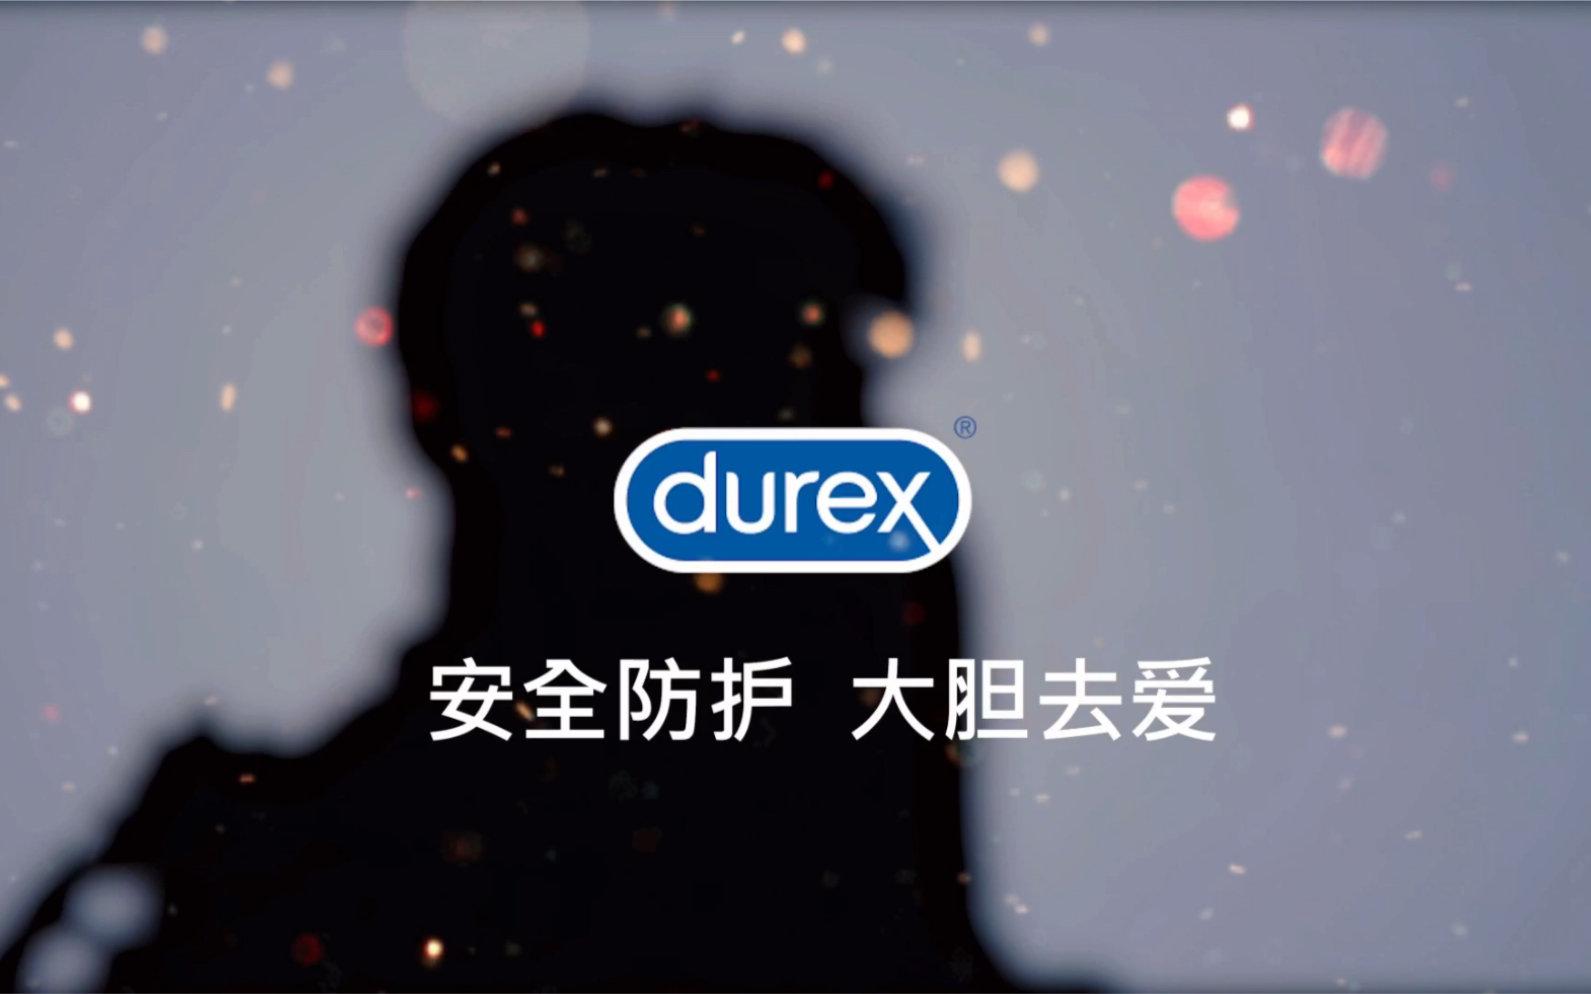 杜蕾斯是什么丨杰士邦和杜蕾斯哪个好_杜蕾斯广告文案